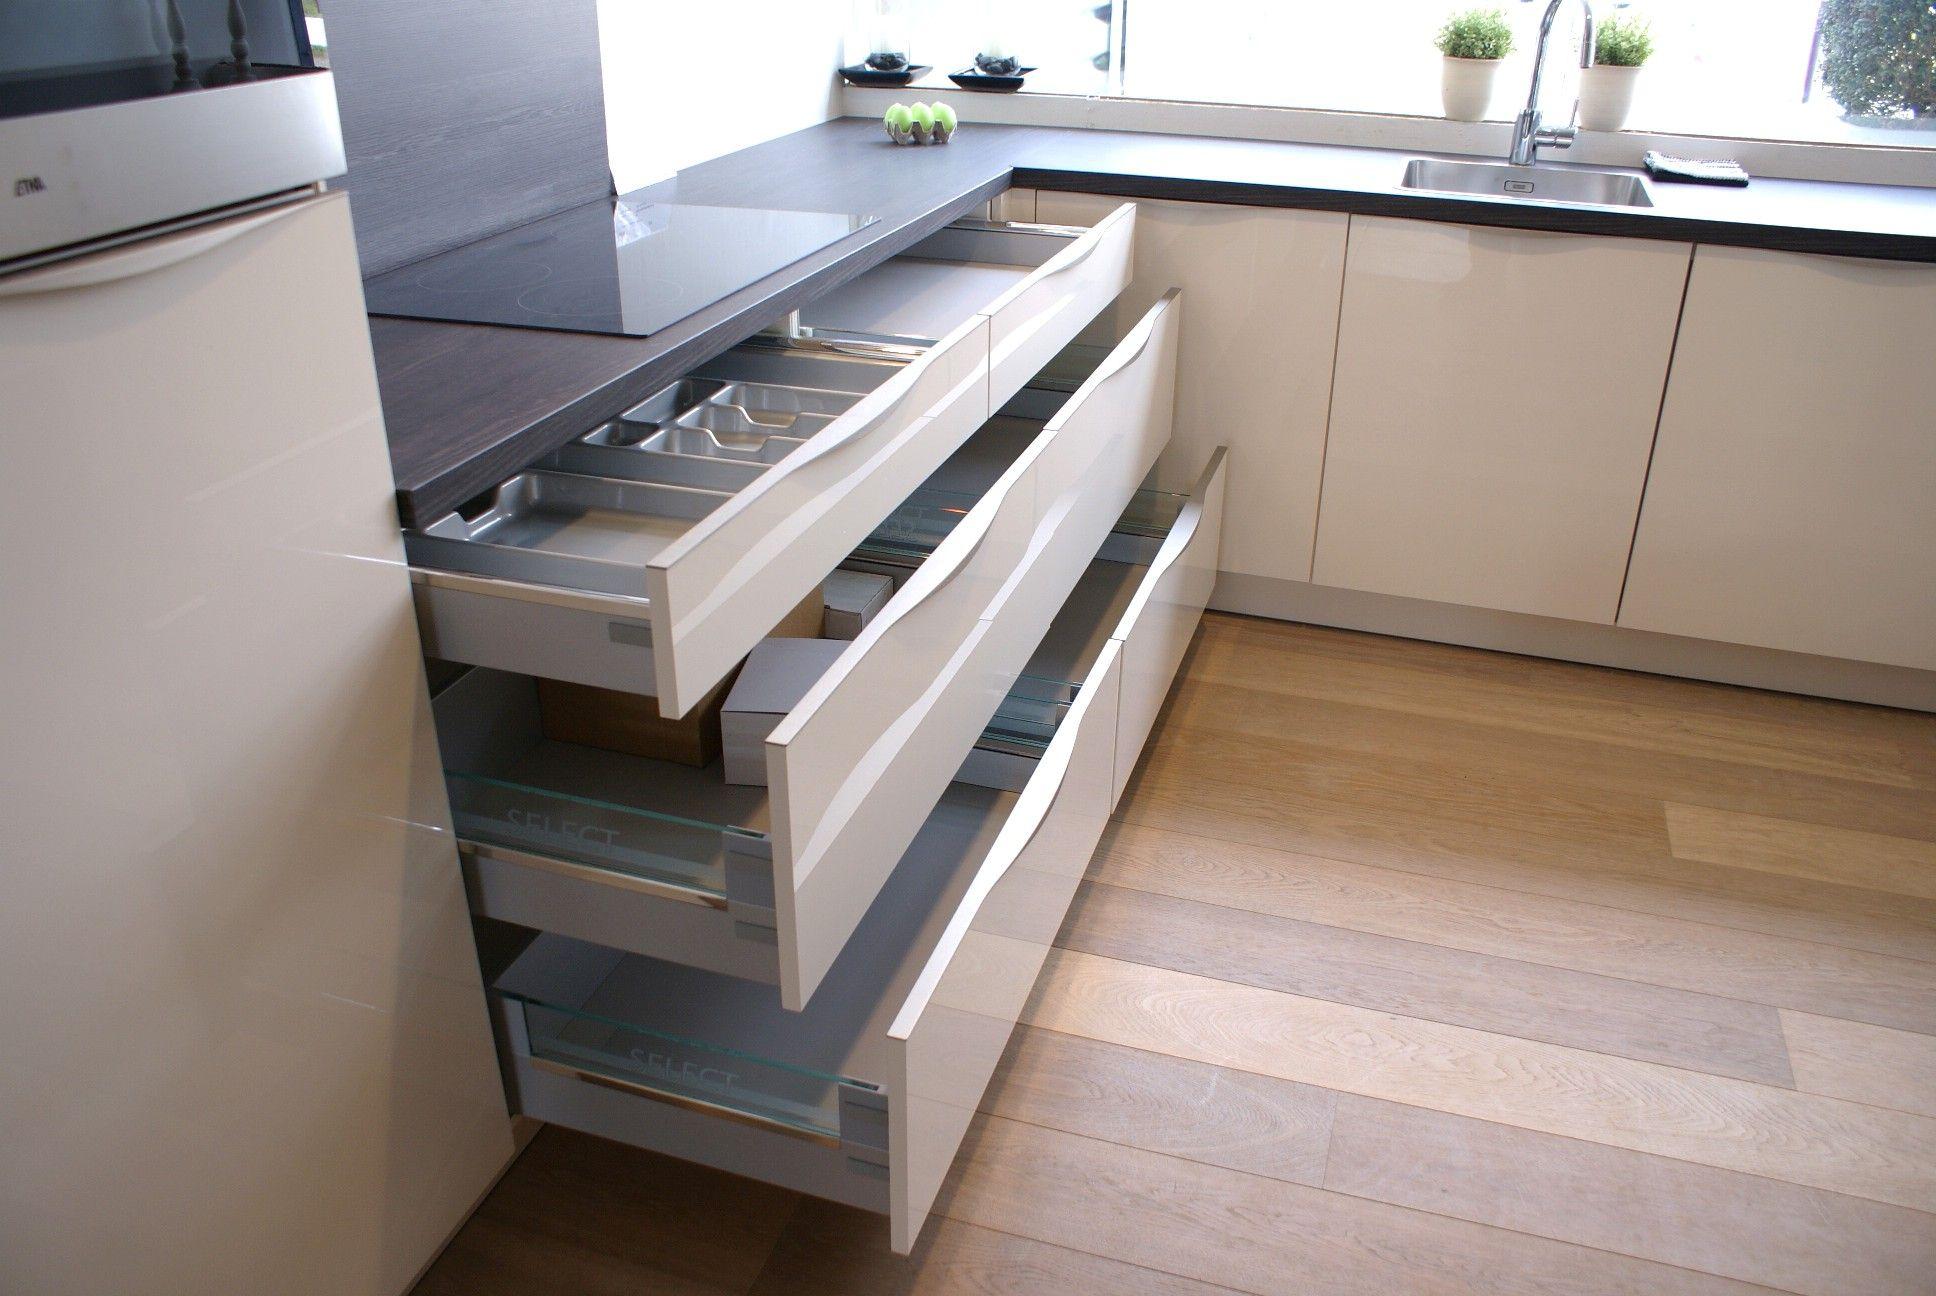 Rechte keuken magnolia gelakt beste inspiratie voor huis ontwerp - Witte keuken voorzien van gelakt ...